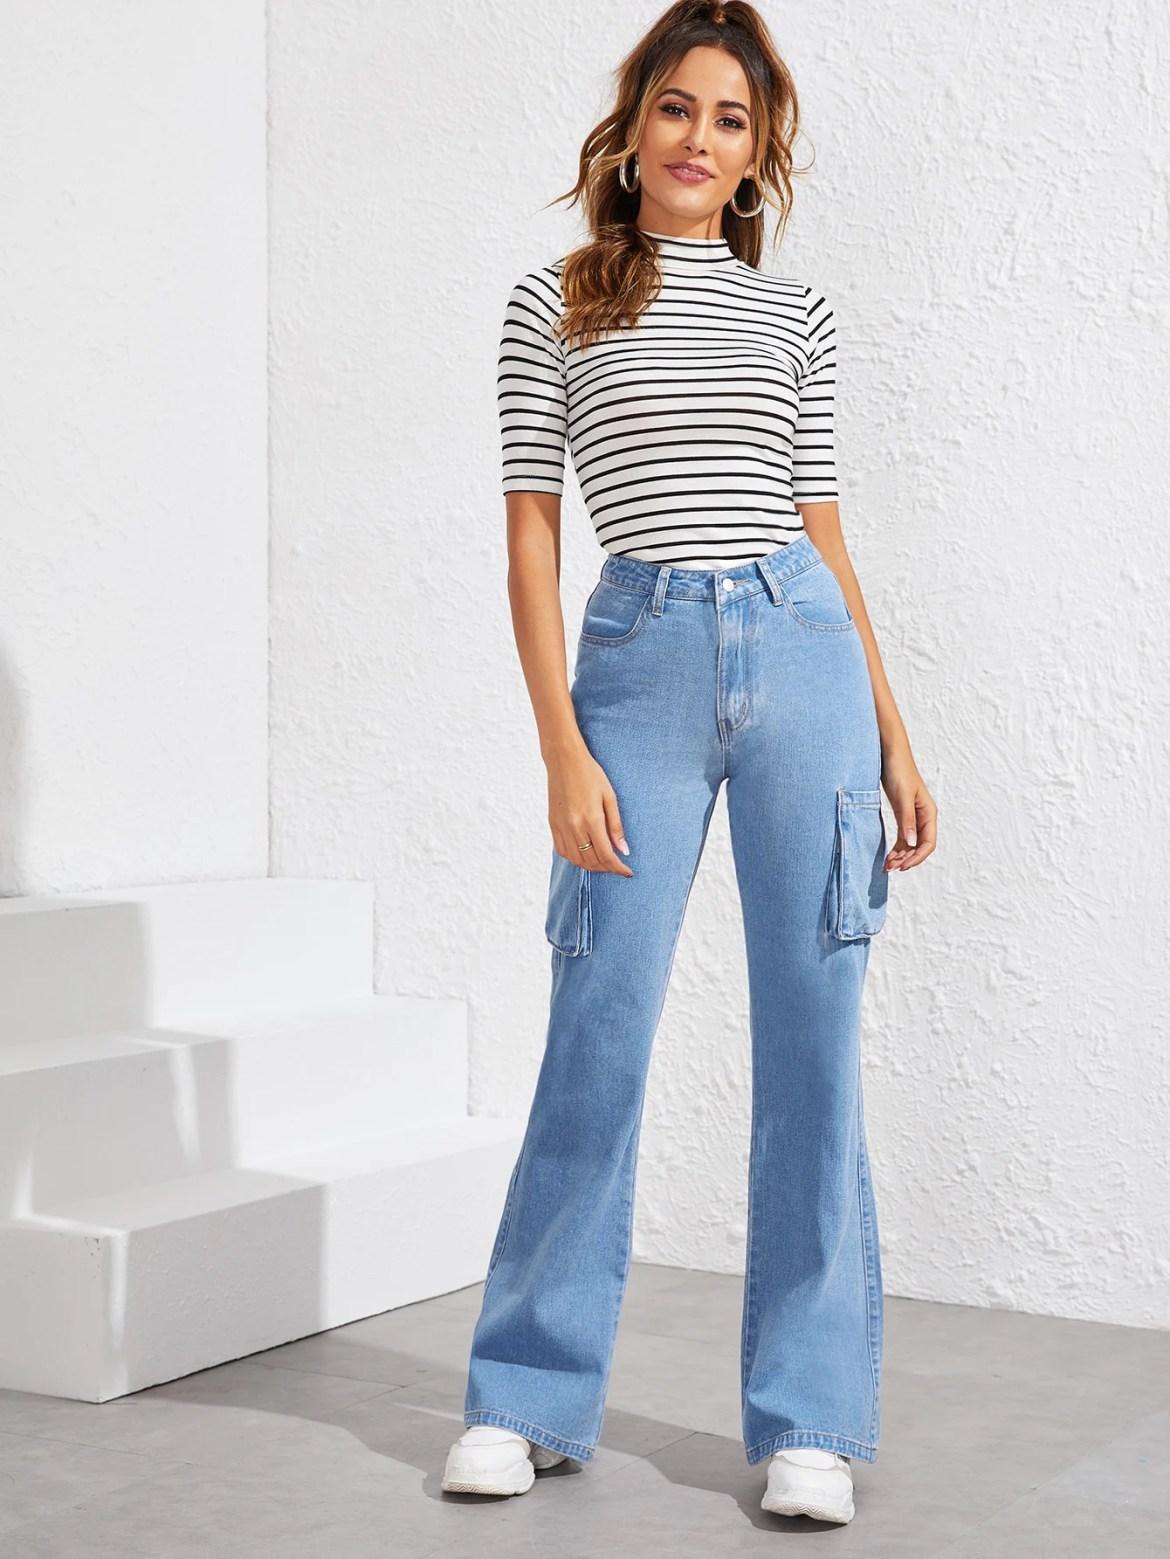 Combinações com jeans confortáveis, gola alta.